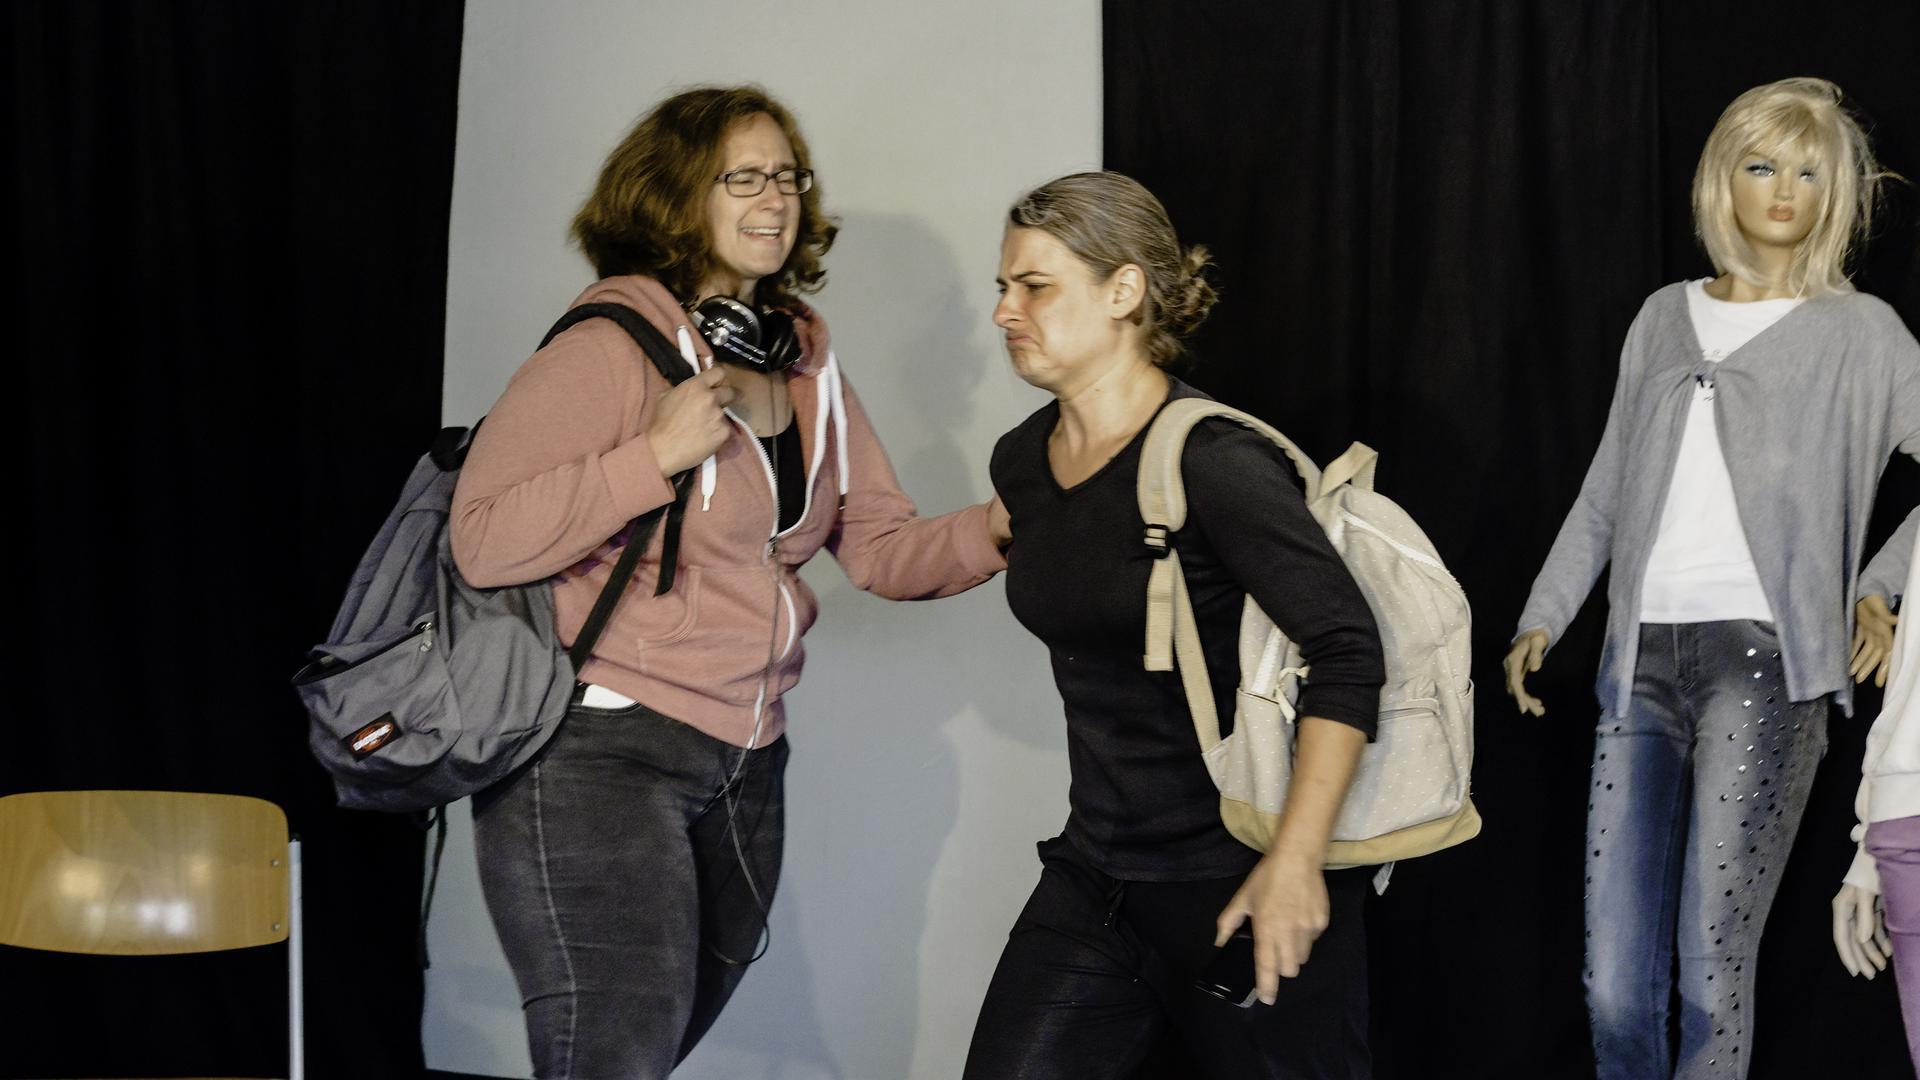 Melanie Maurer und Christine Theberath